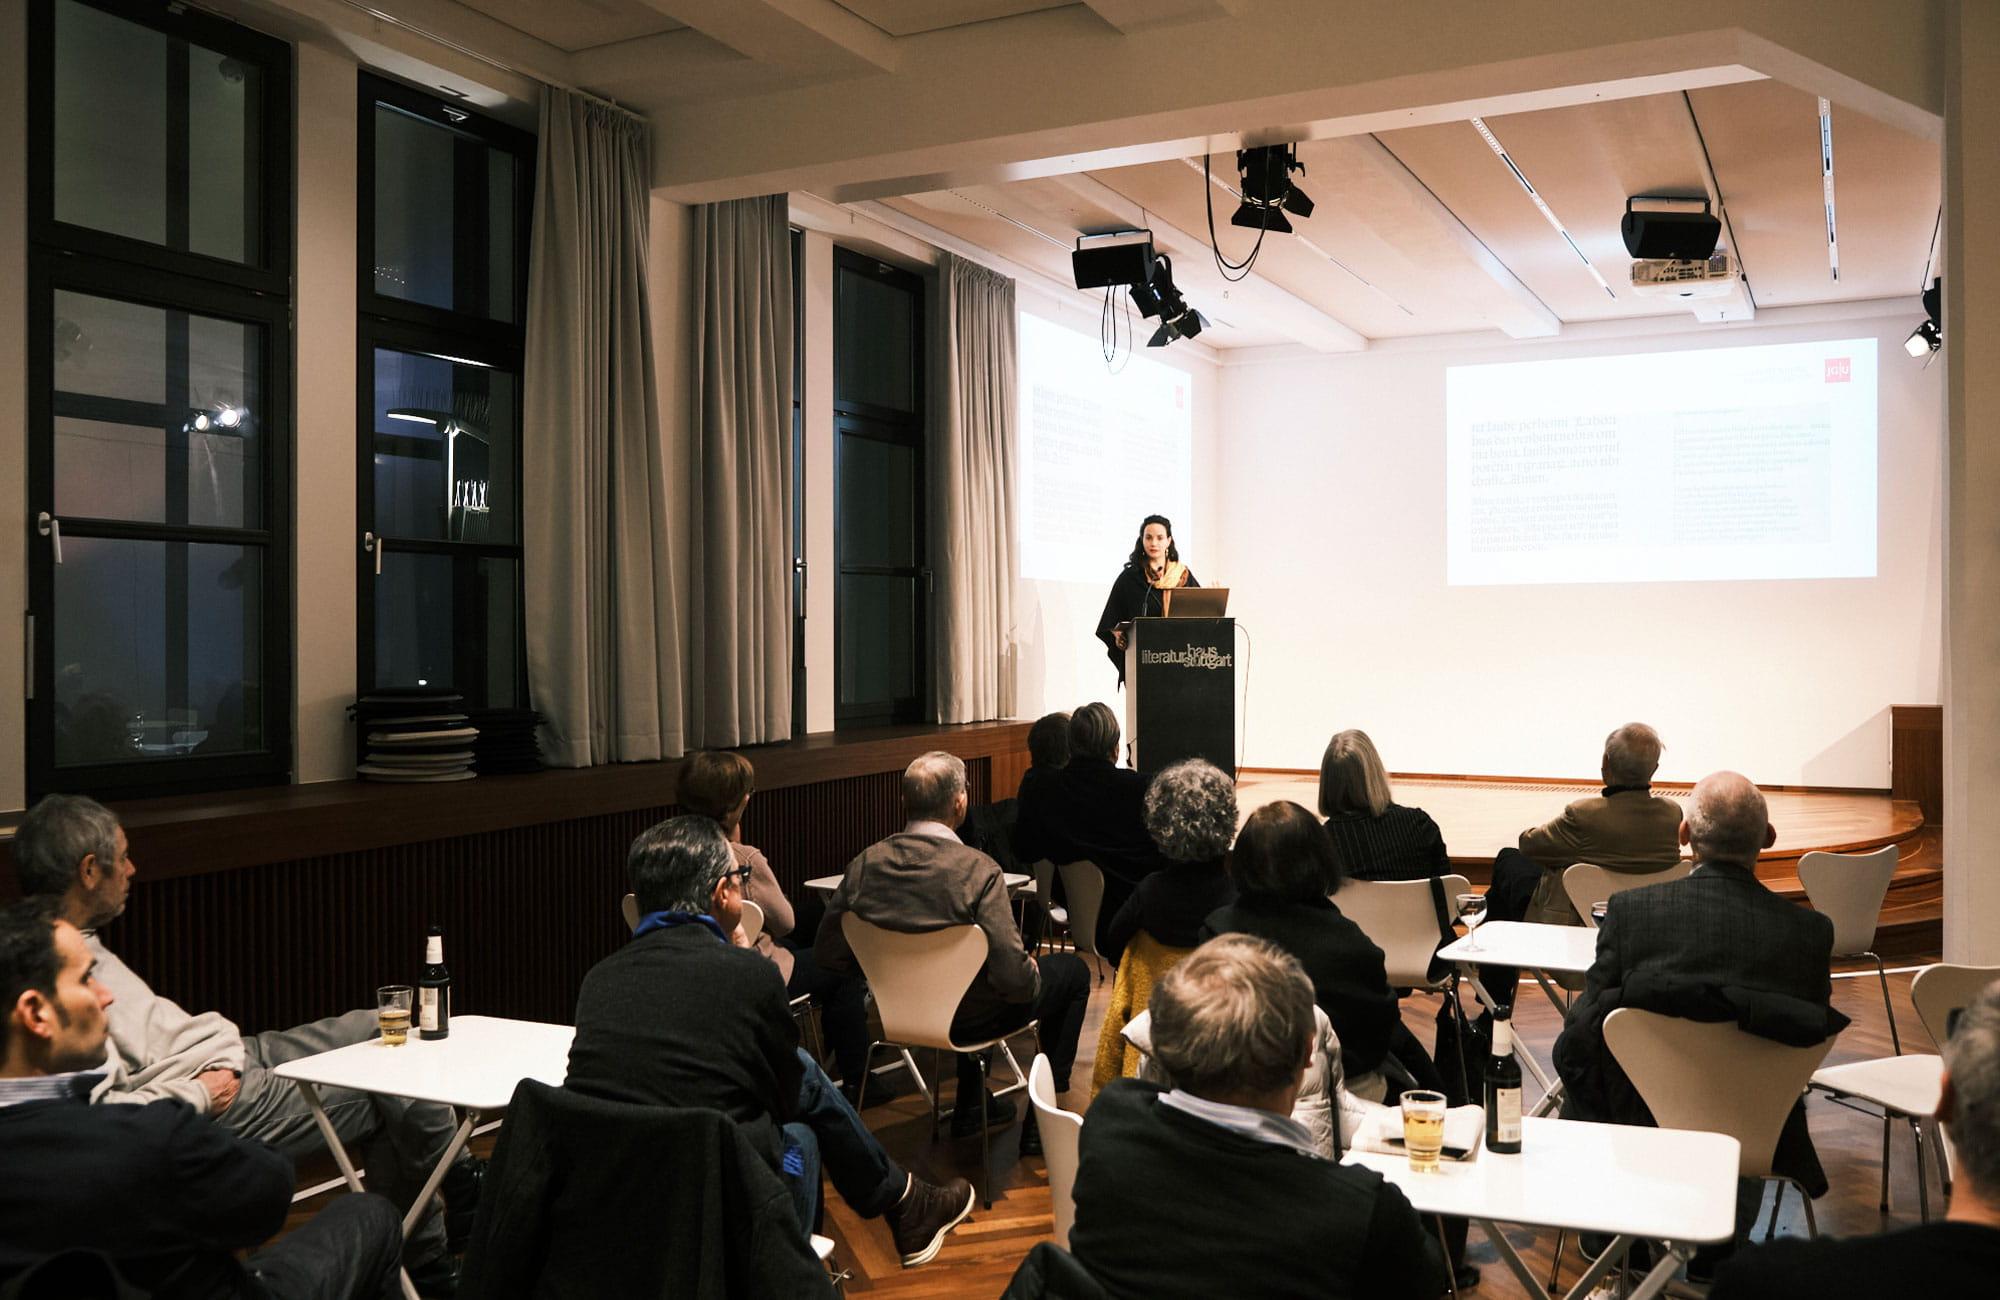 Saskia Limbach: Flugblätter und Fake News - Über Einblattdrucke aus der Frühzeit des Buchdrucks <br/>(c) Sebastian Wenzel